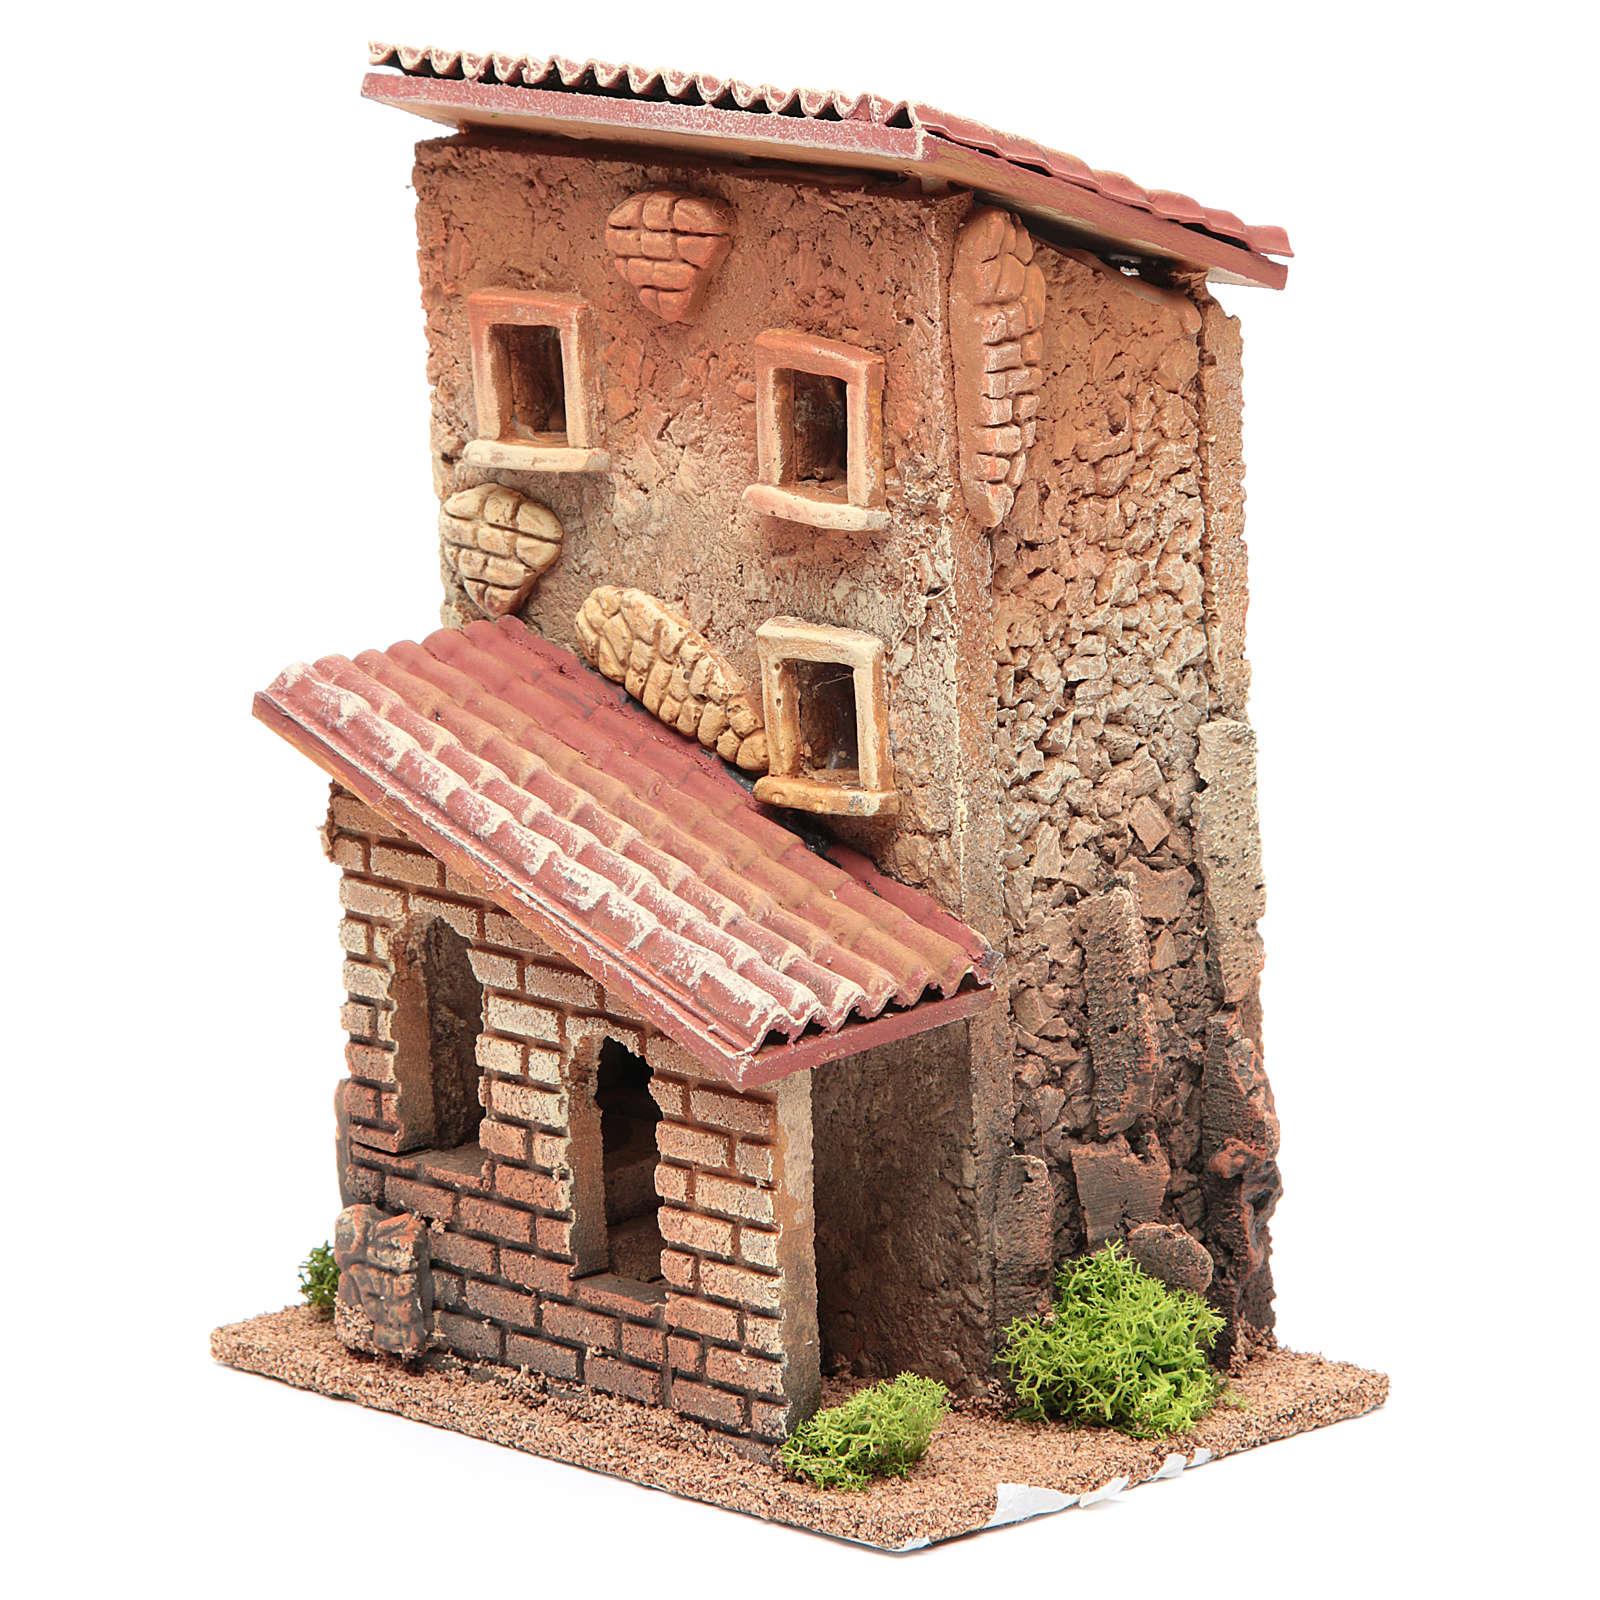 Maison avec escalier crèche 25x18x14 cm pour 6 cm 4